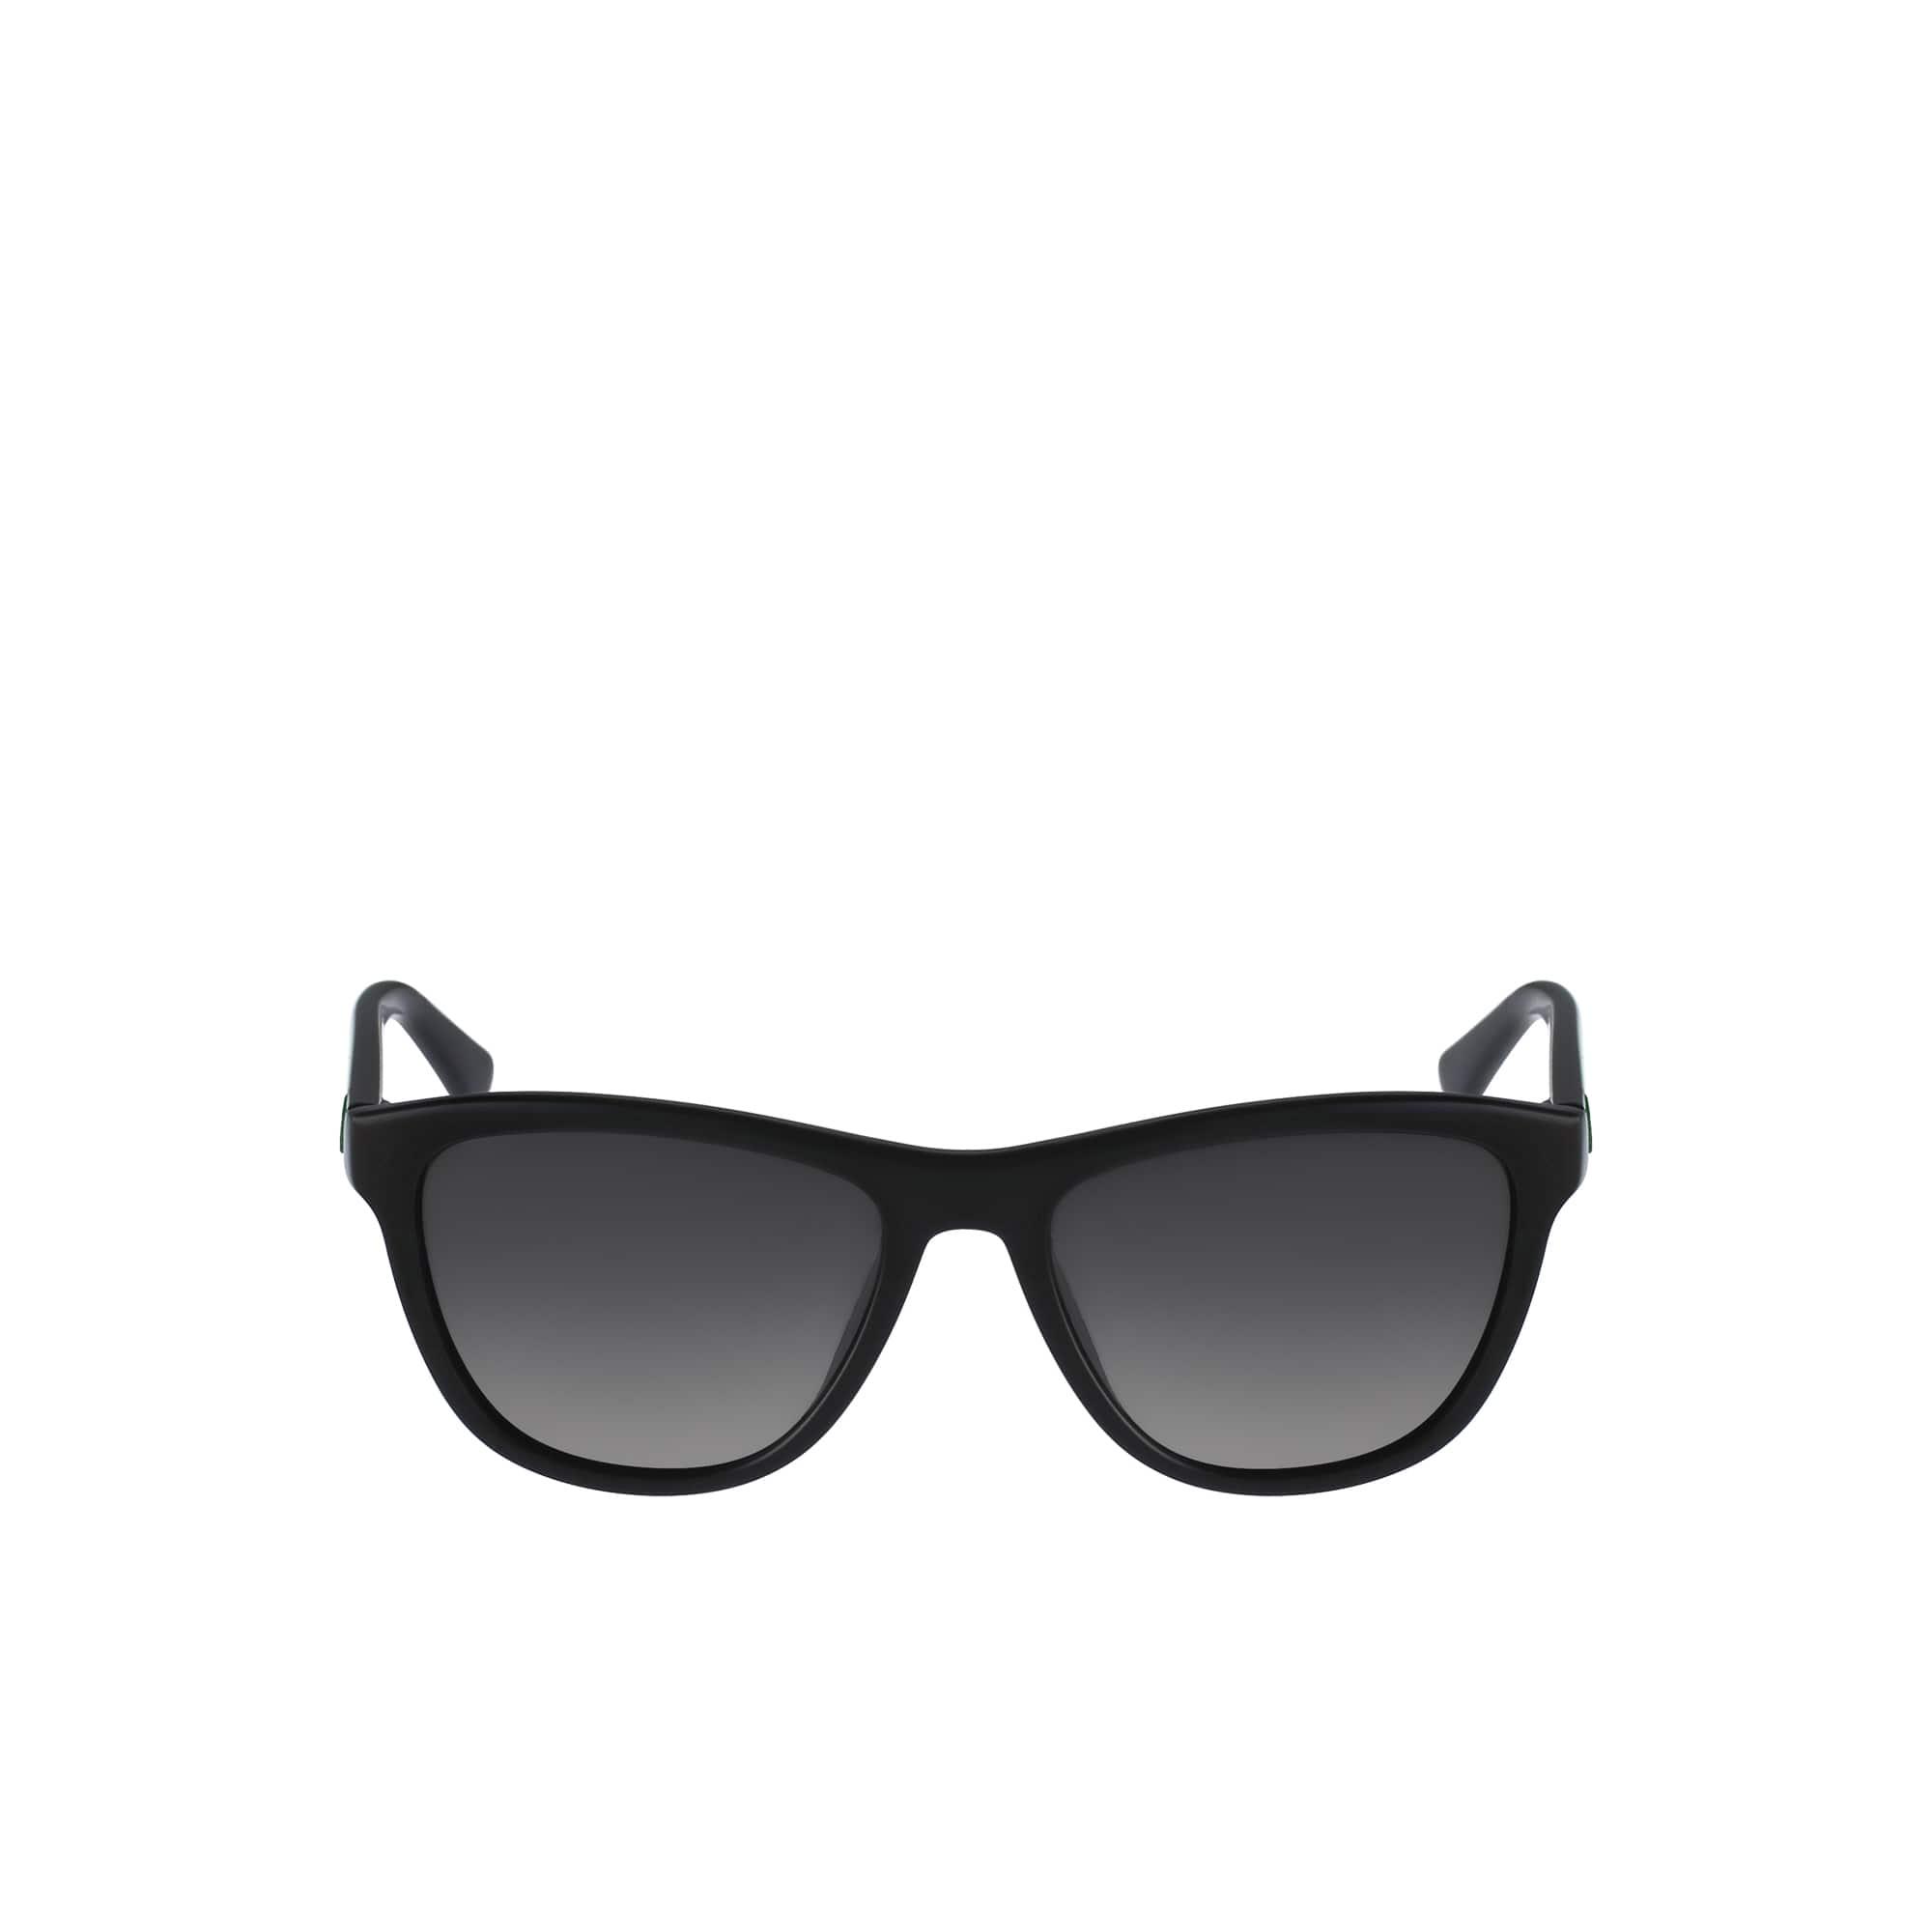 Women's L.12.12 T(w)eens Sunglasses